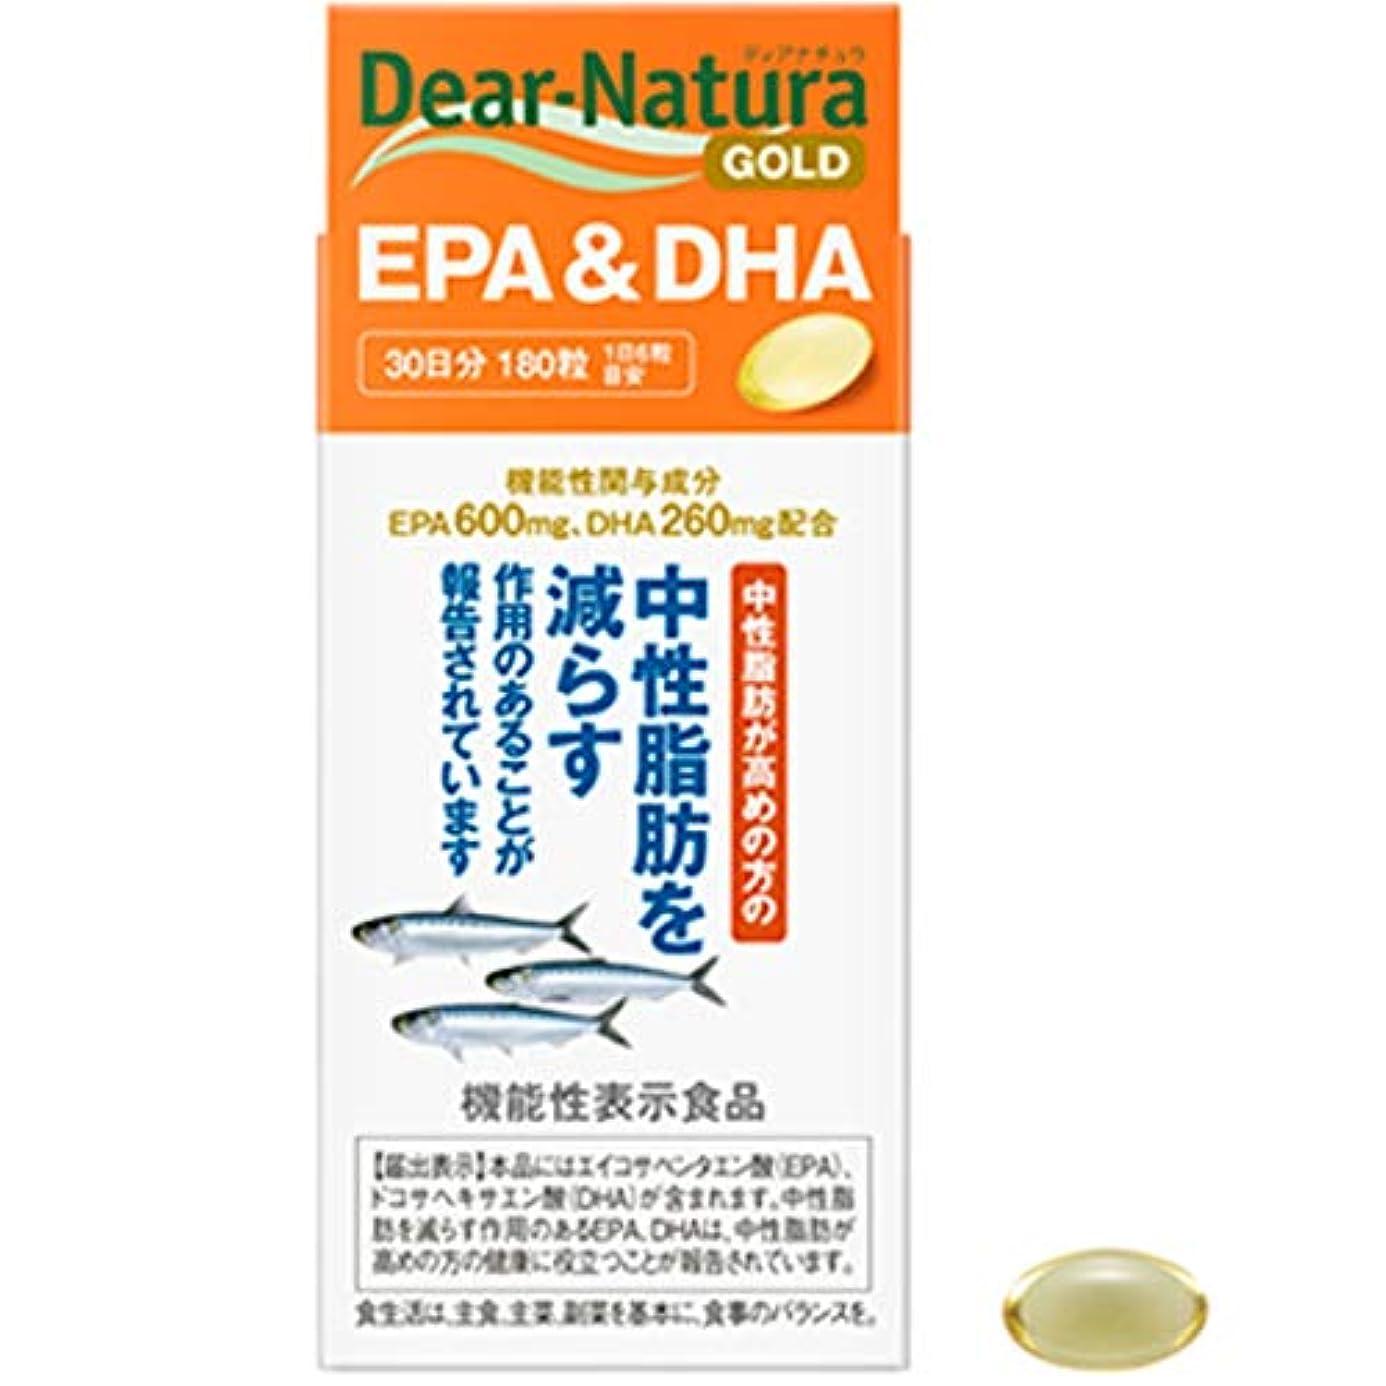 間隔出発するフルーティーディアナチュラゴールド EPA&DHA 30日分 180粒入×5個セット